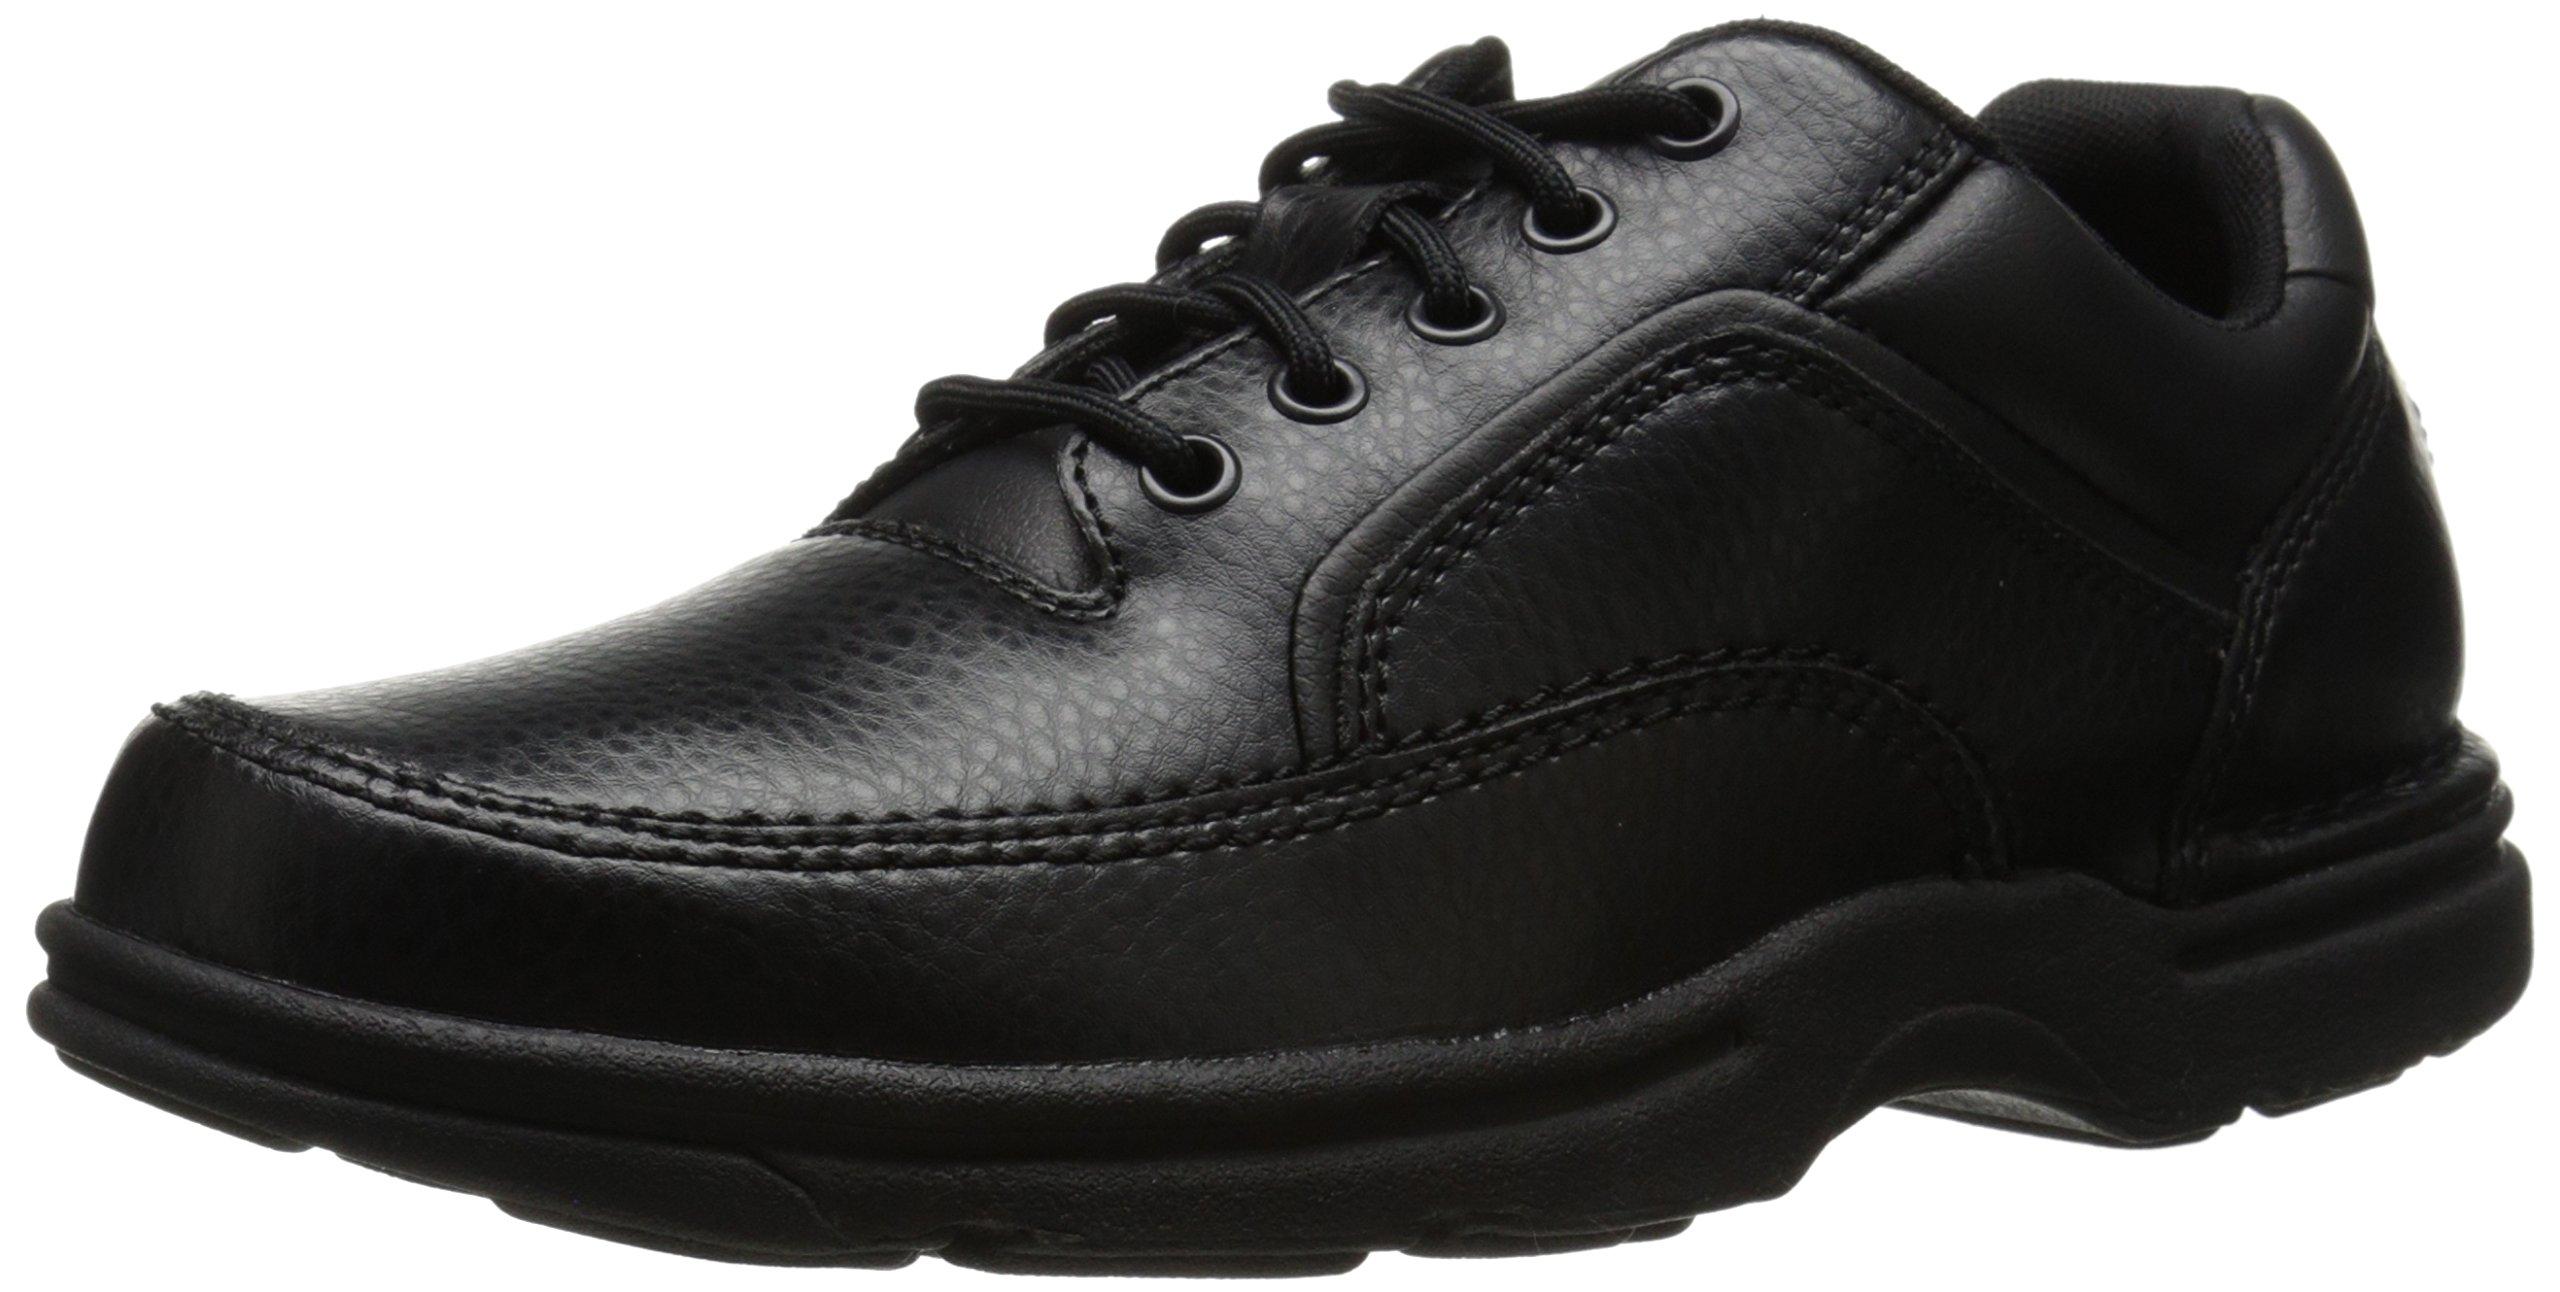 Rockport Men's Eureka Walking Shoe, Black, 10.5 D(M) US by Rockport